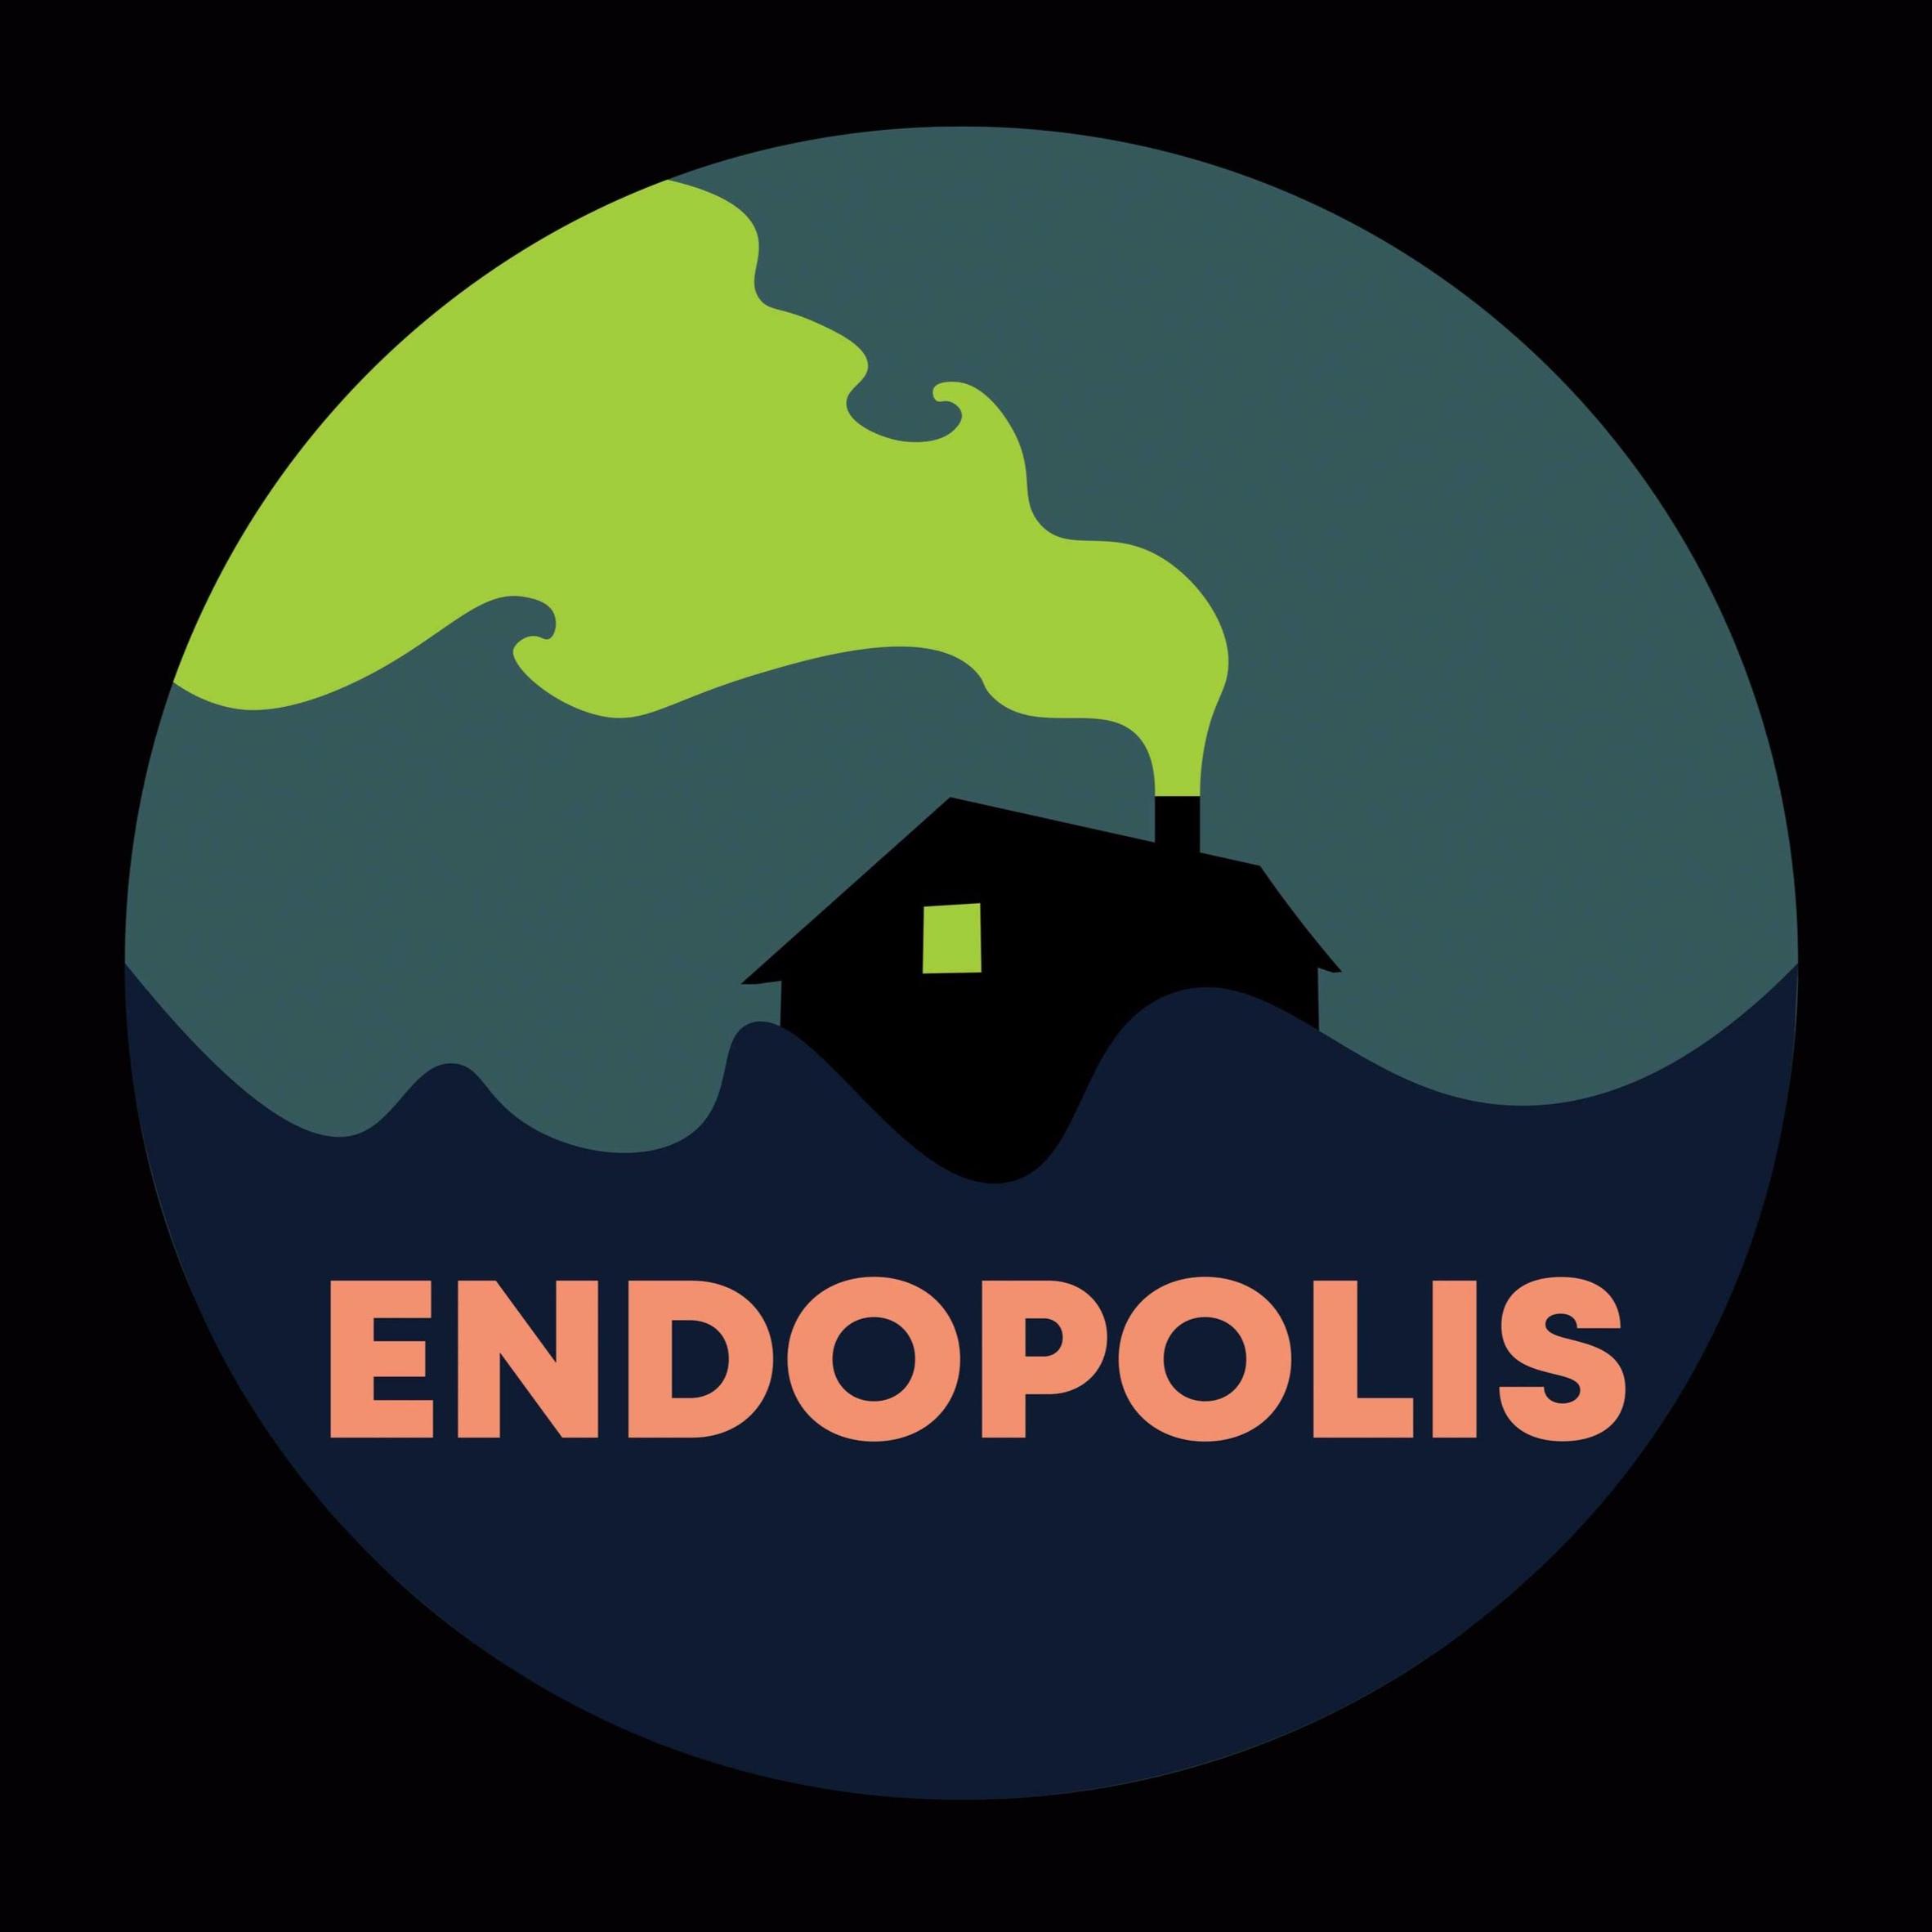 endopolis-logo.jpg